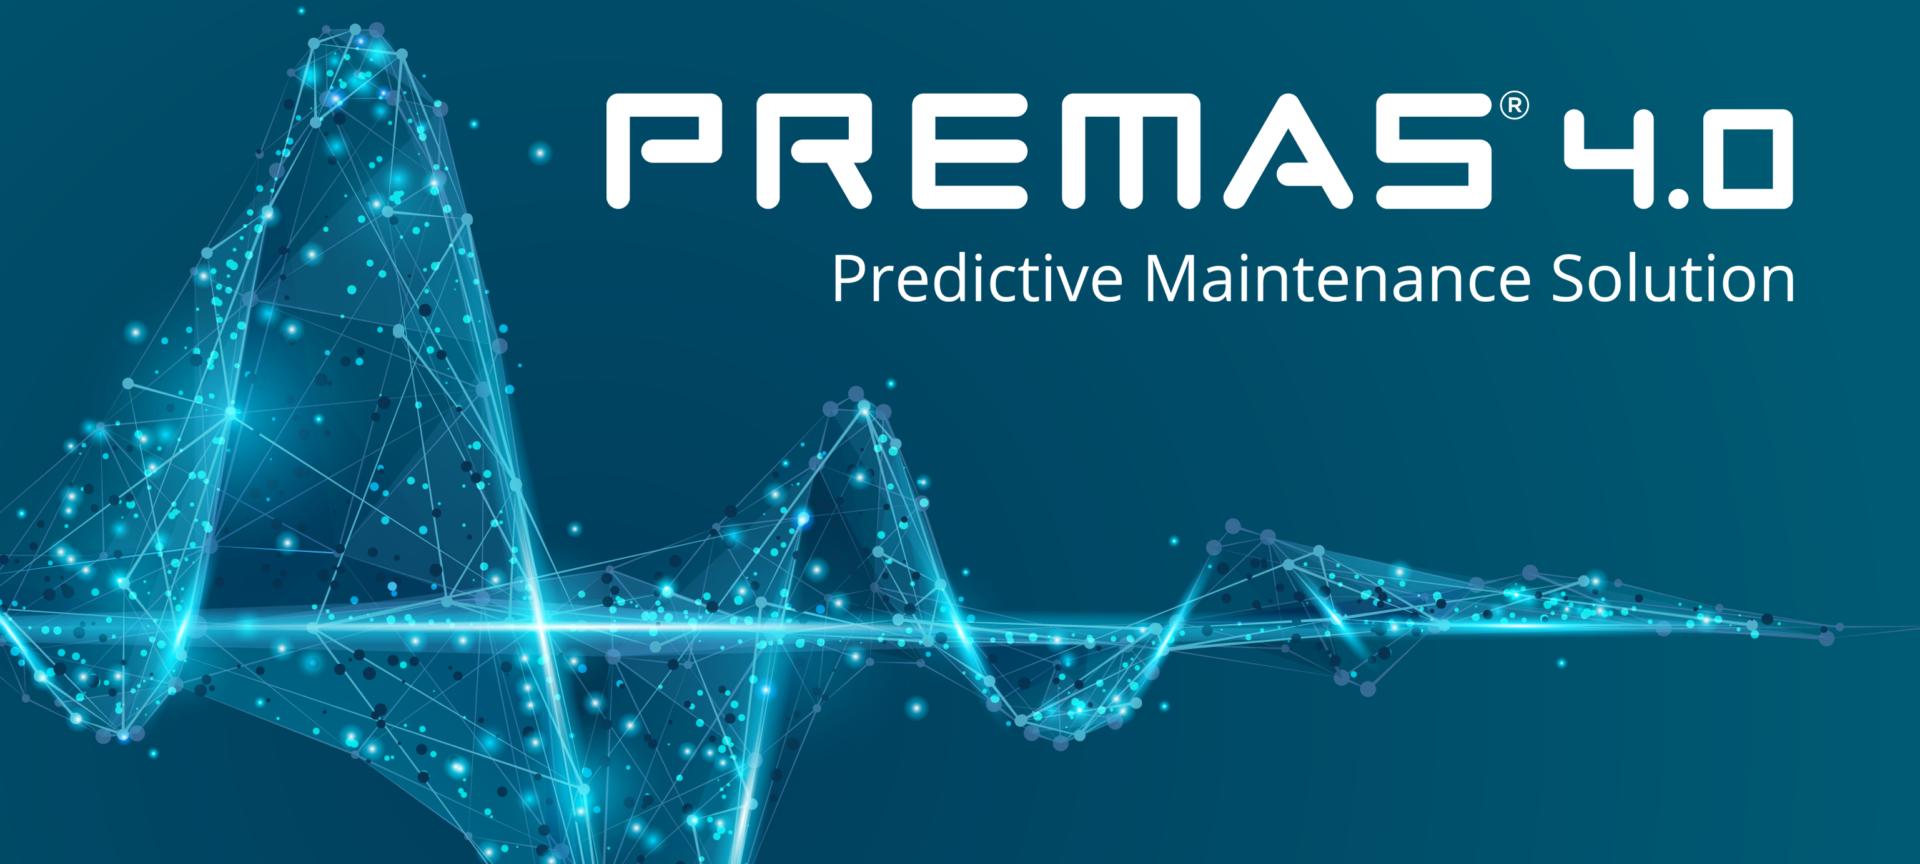 PREMAS® / PREMAS® 4.0